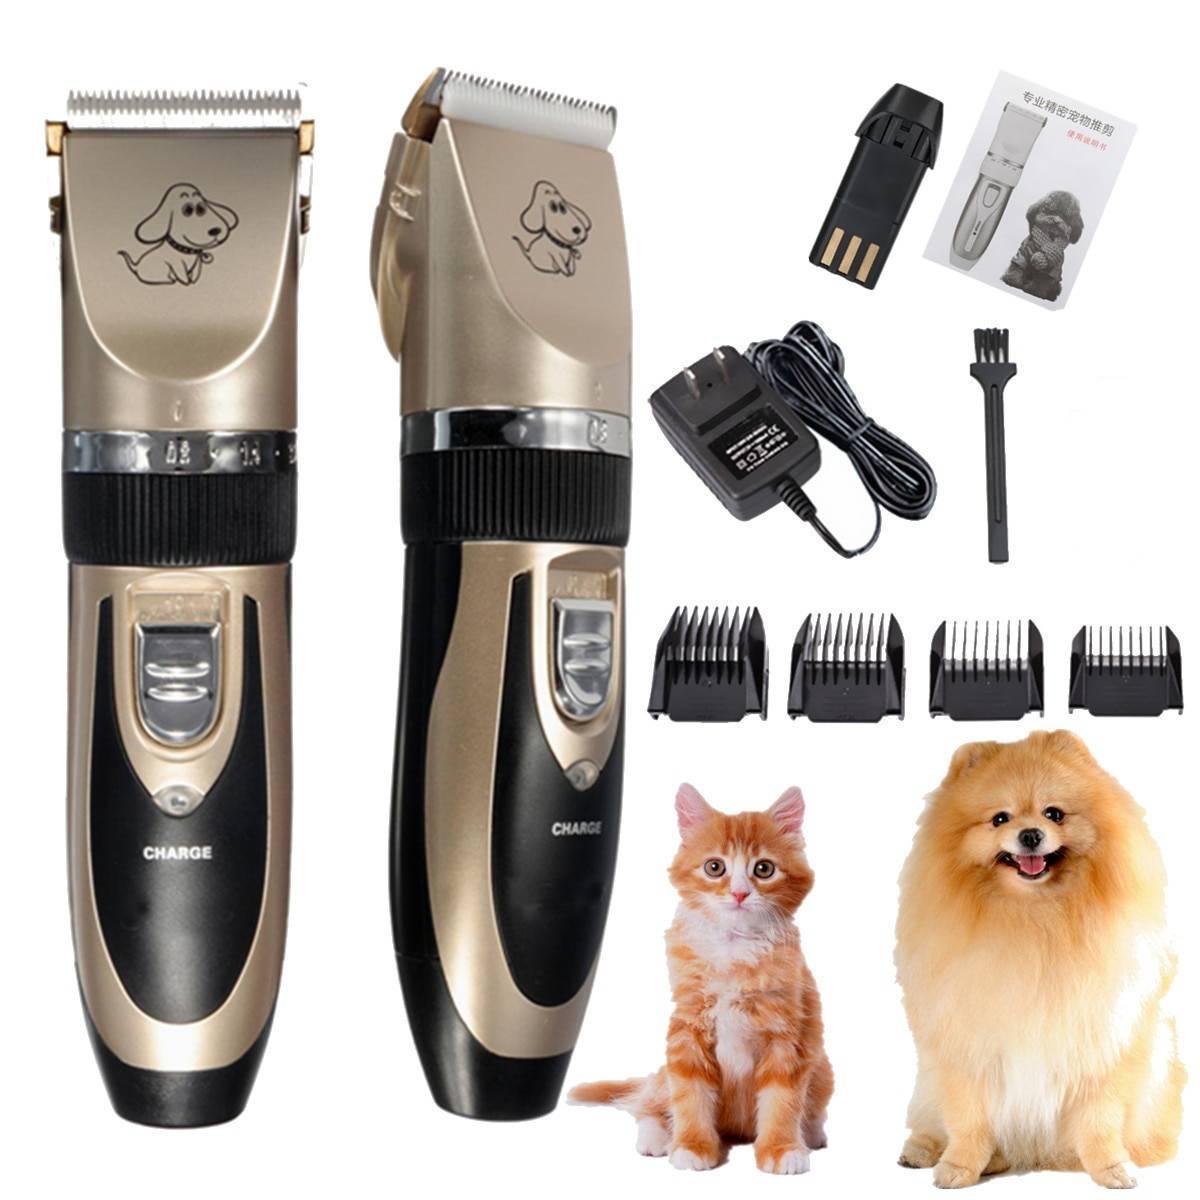 Особенности машинок для стрижки котов